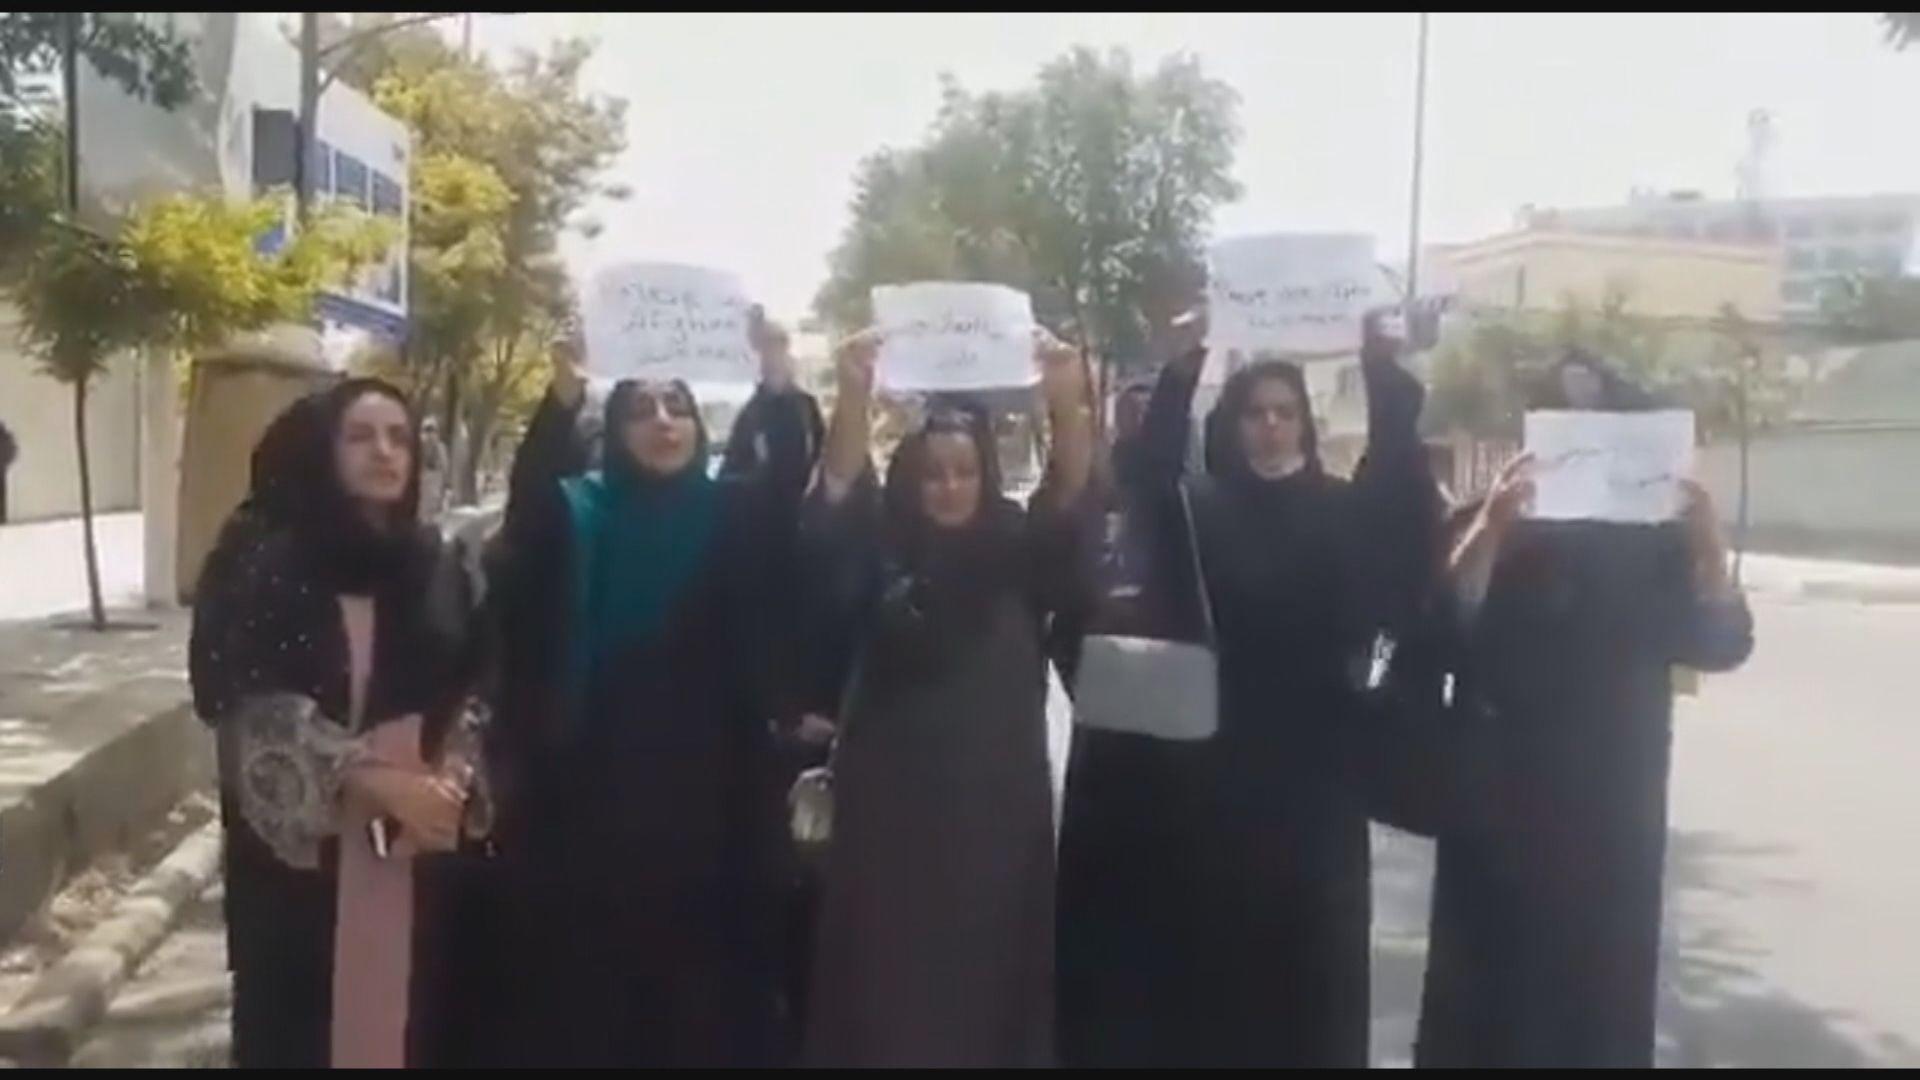 塔利班大赦阿富汗政府人員 喀布爾有女性示威爭取權益